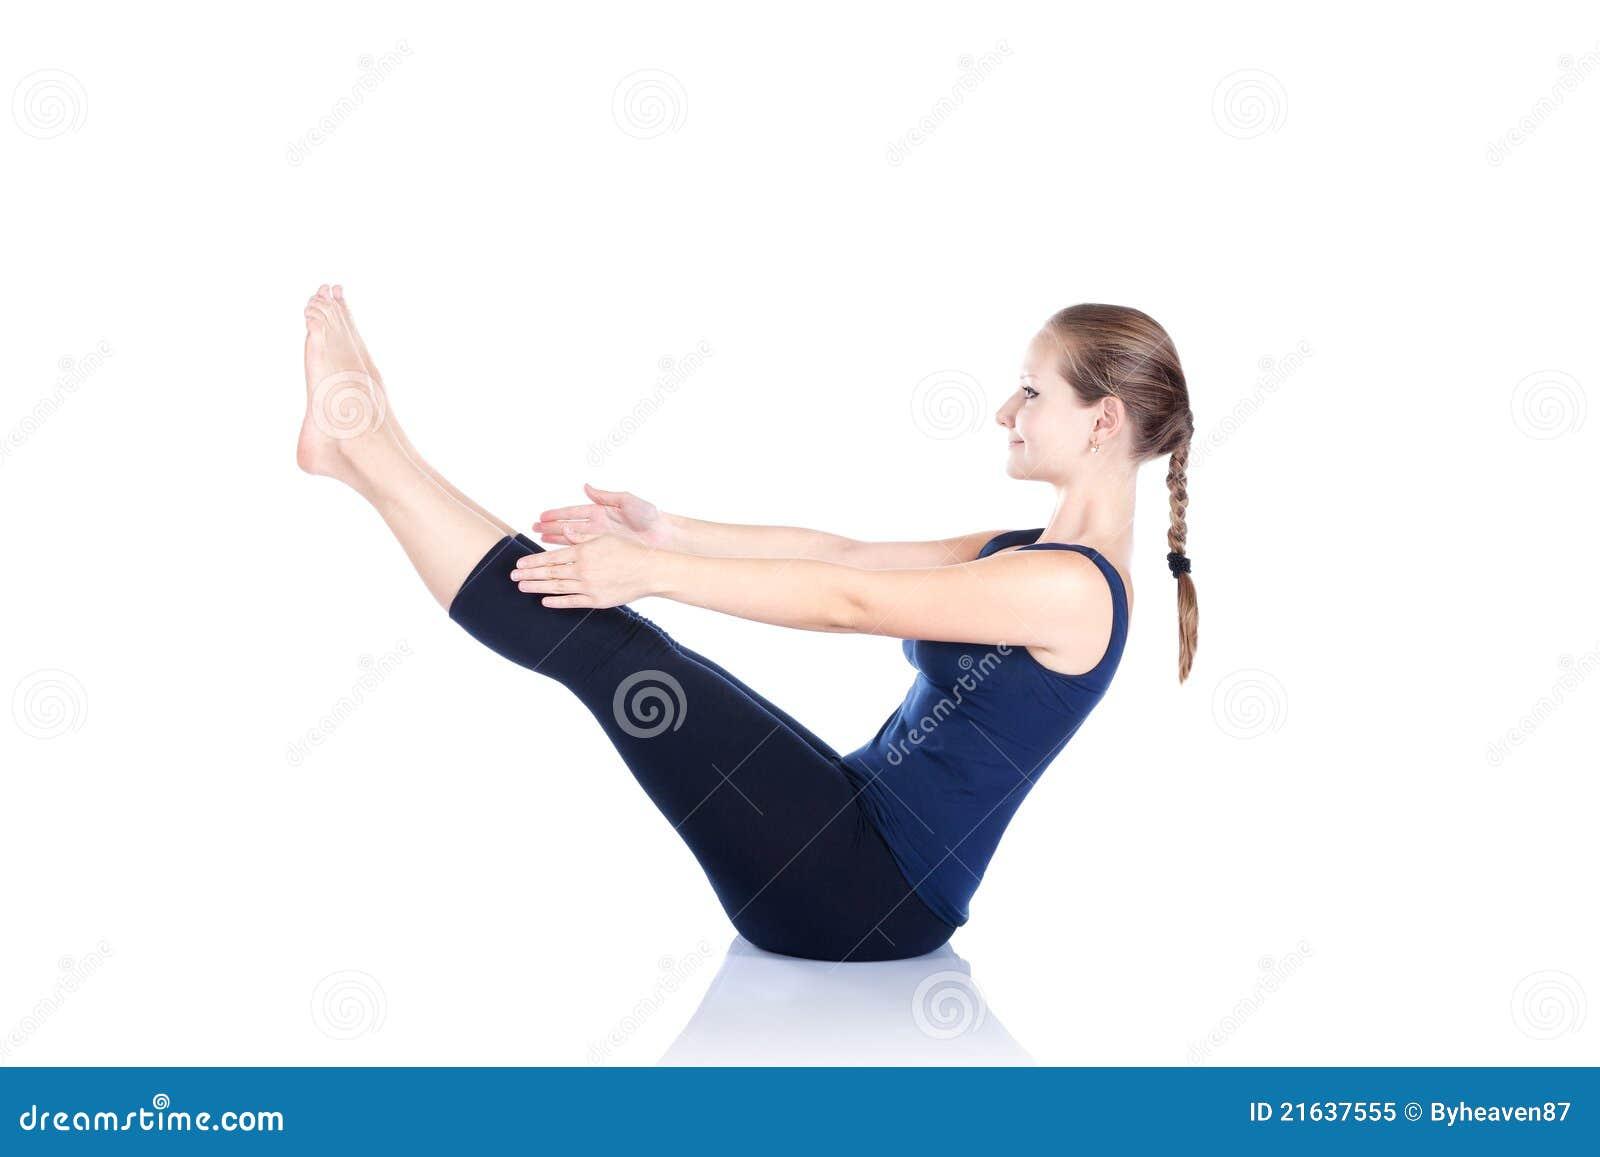 Navasana Pose Yoga